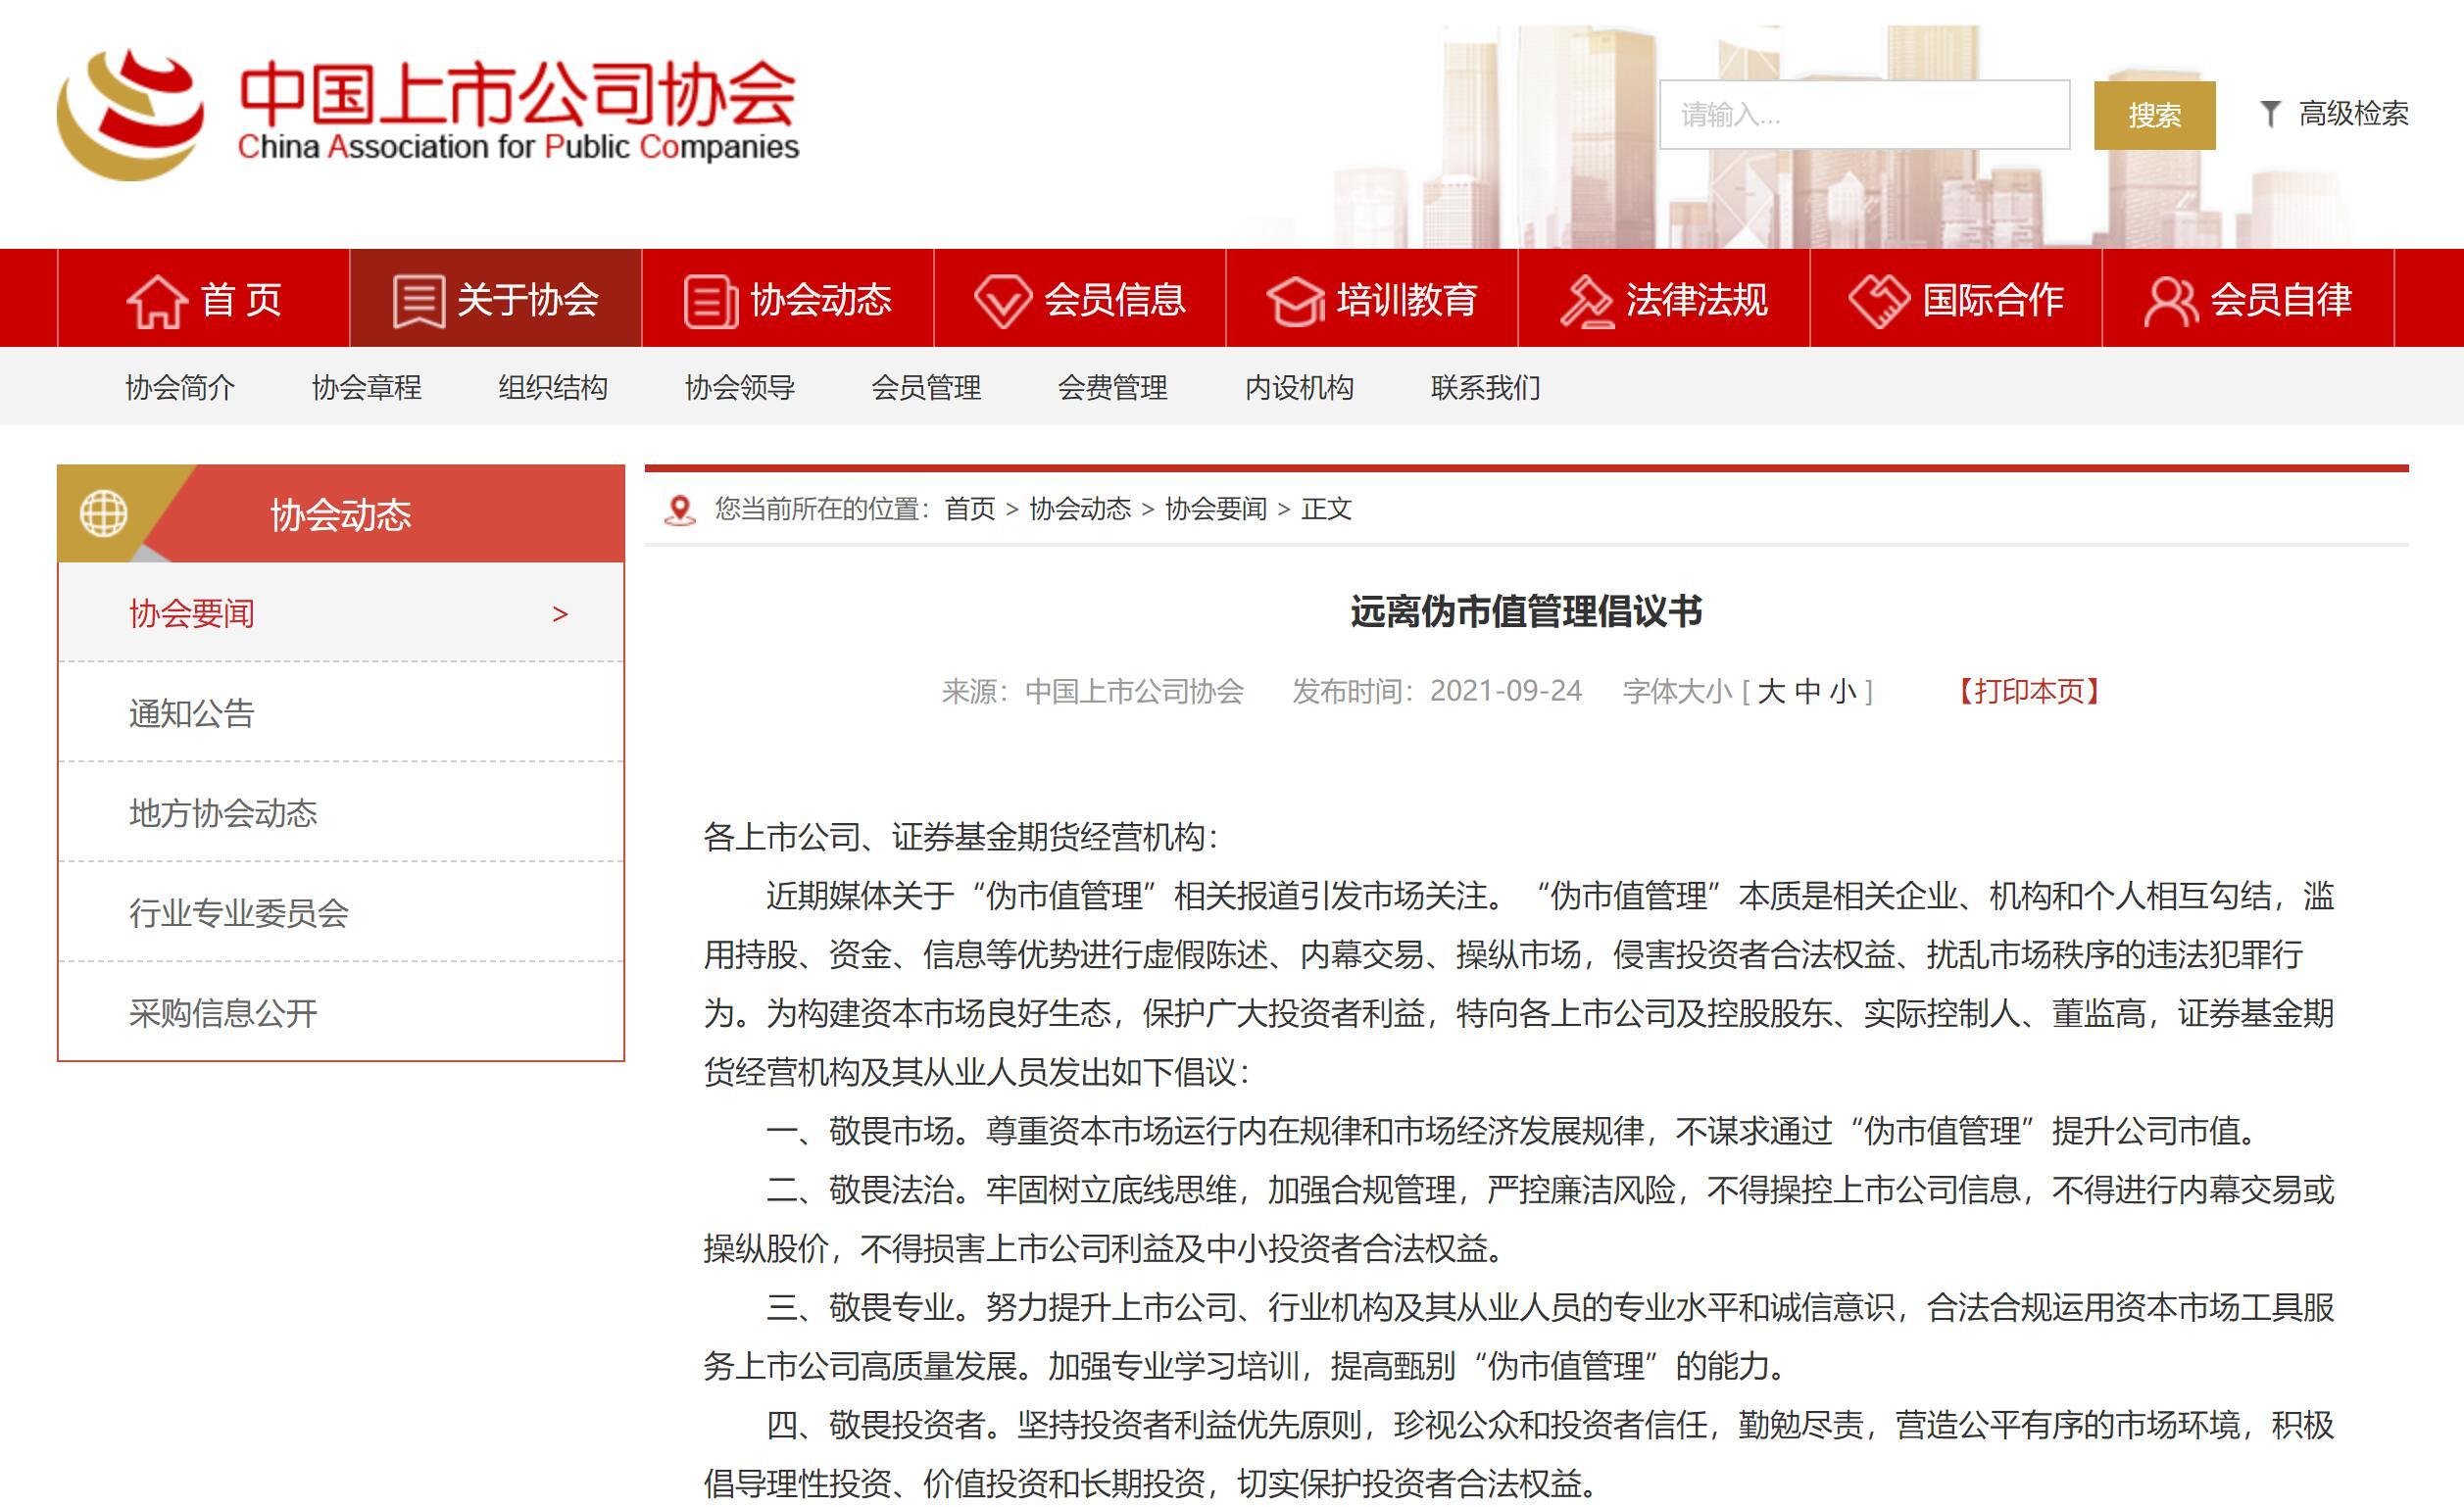 中国上市公司协会等四协会发布远离伪市值管理倡议书